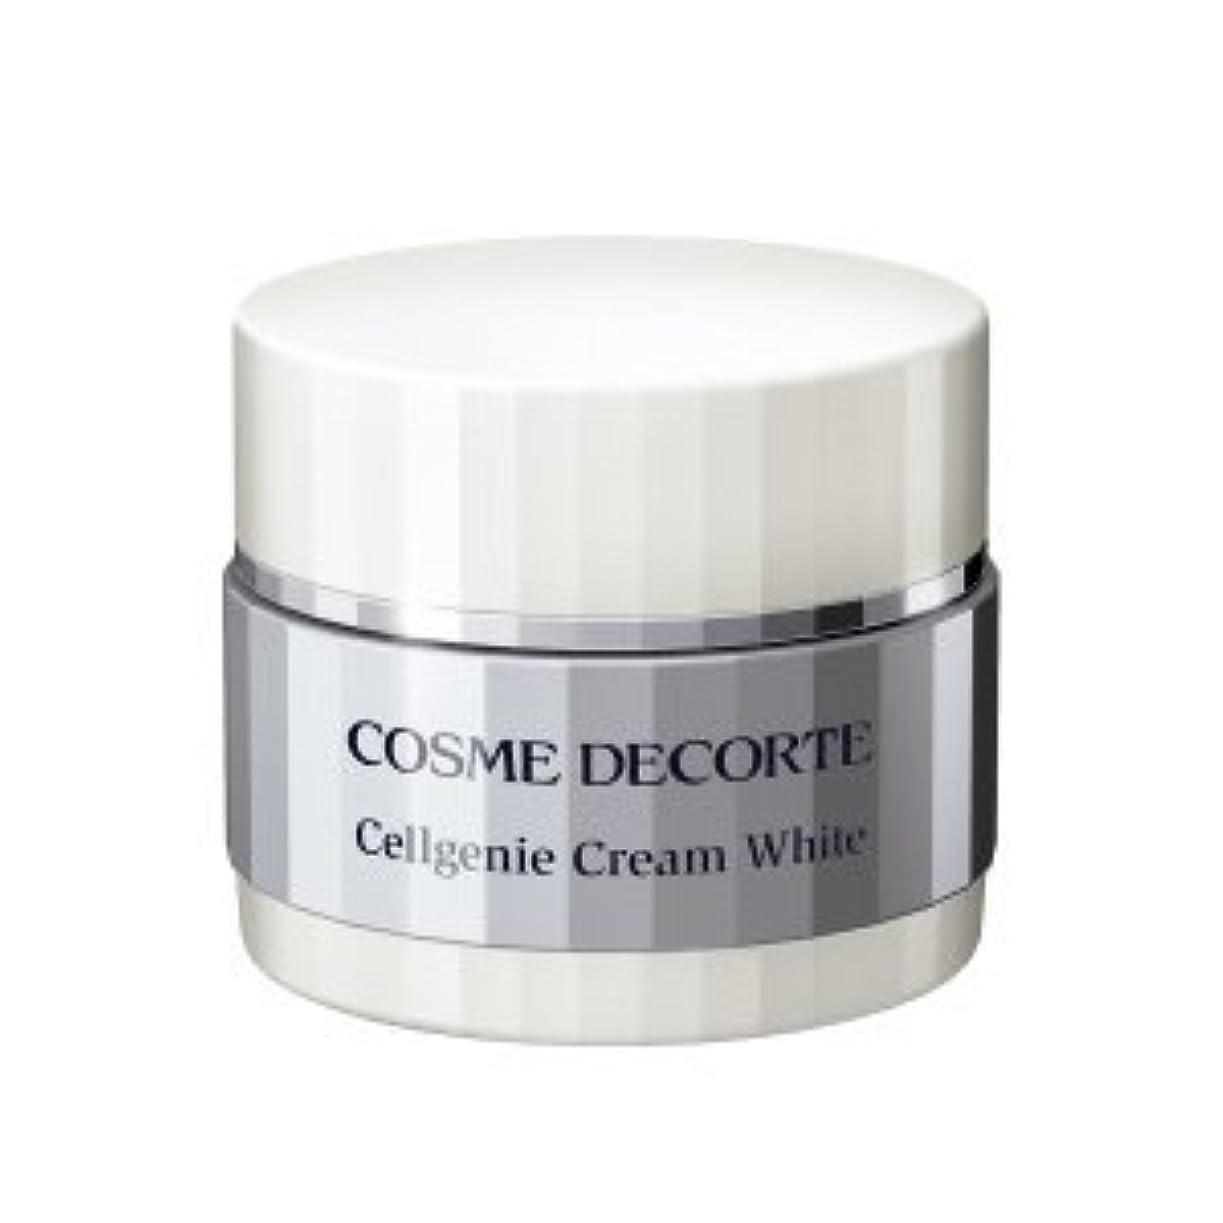 重要代数保持コスメ デコルテ(COSME DECORTE) セルジェニー クリーム ホワイト 30g[並行輸入品]